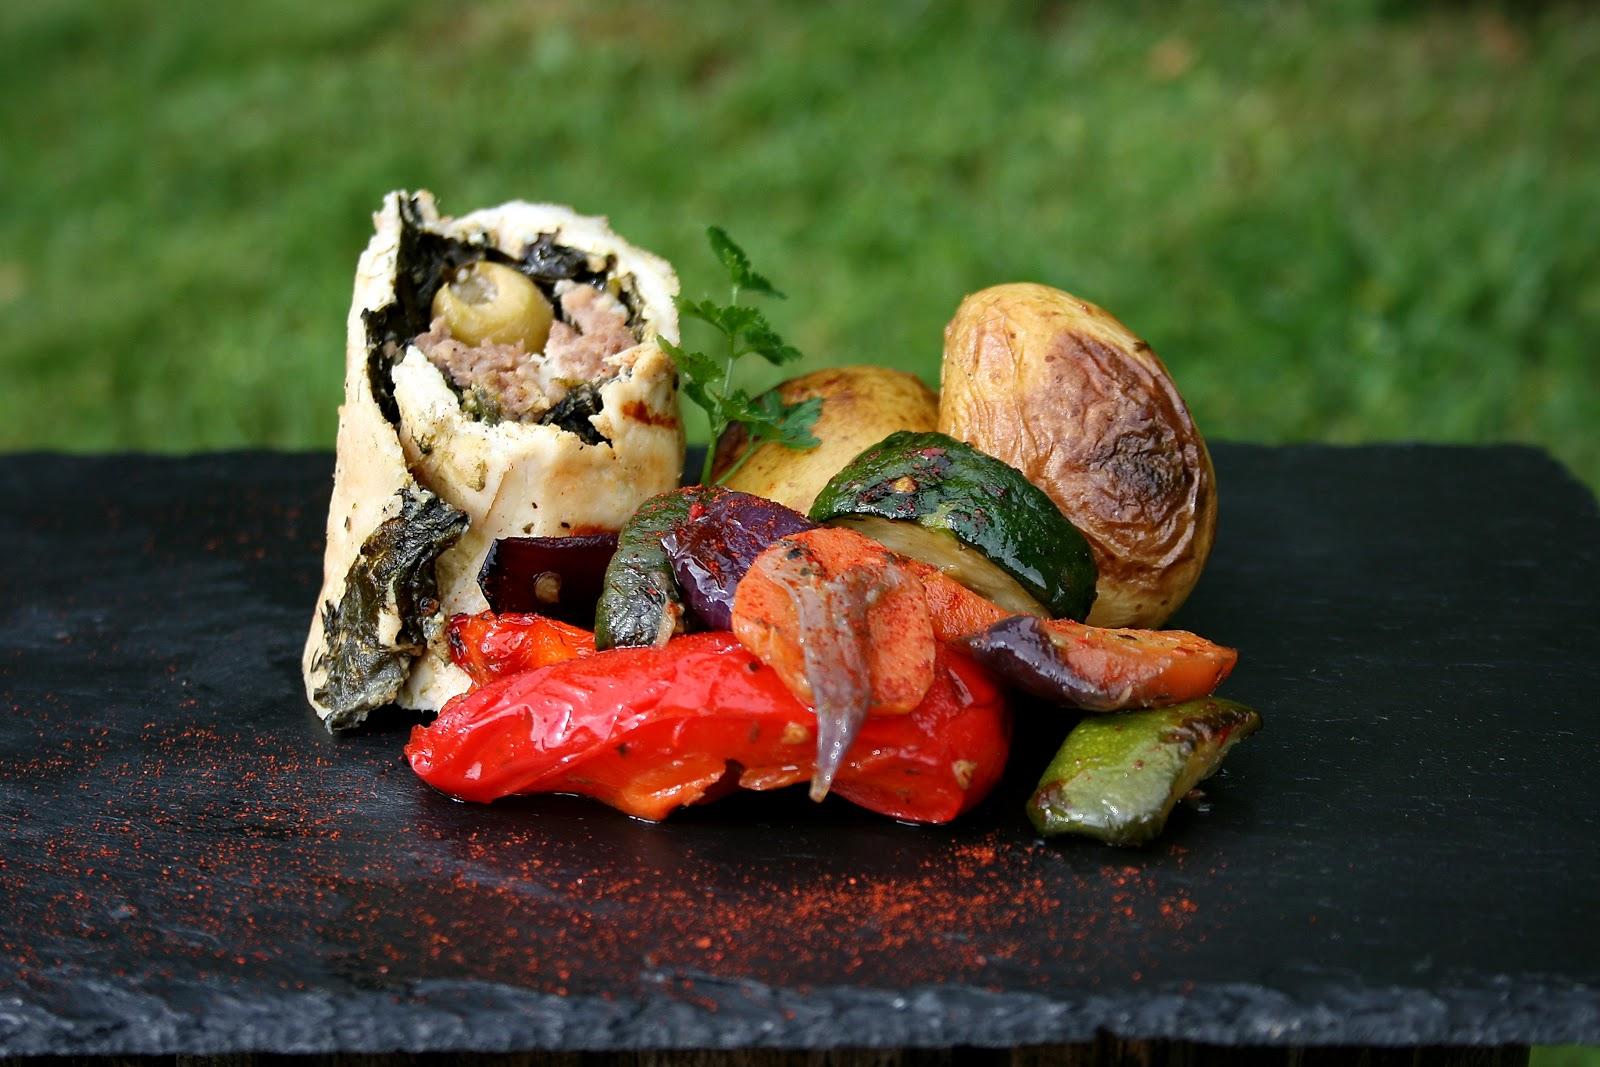 Grillowane rolady z kurczaka nadziane szpinakiem, mięsem podane z warzywami